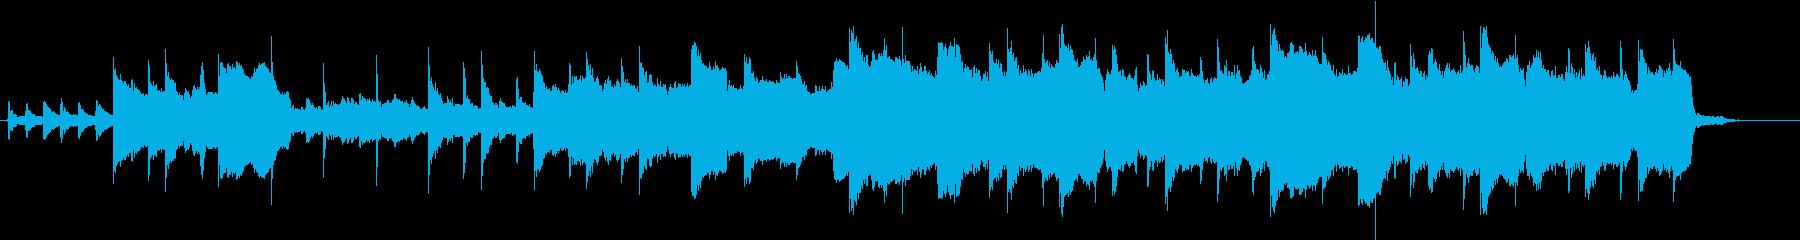 ケルト音楽風のインストゥルメンタルの再生済みの波形